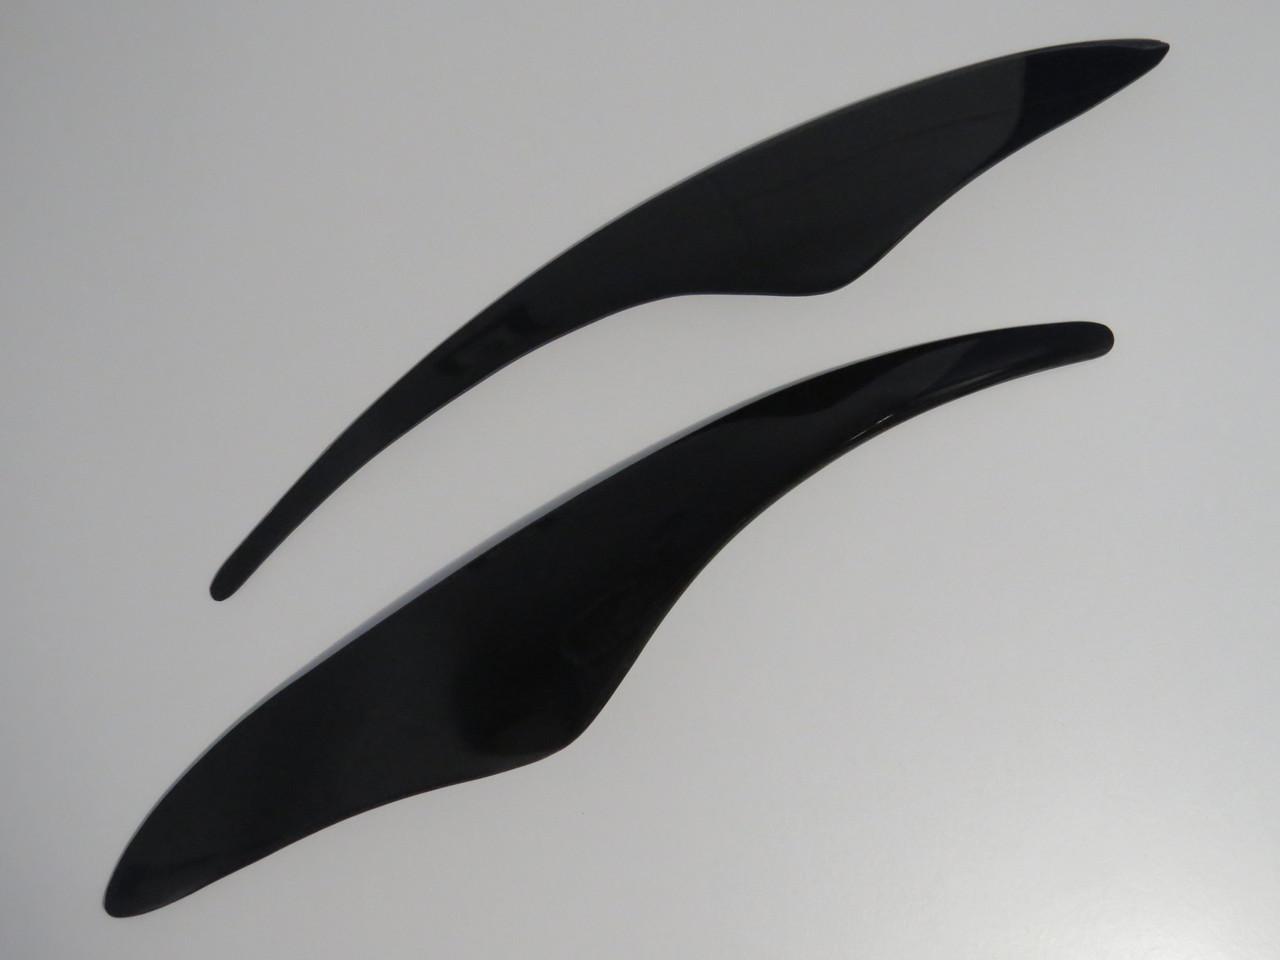 Ресницы AV Дэу Ланос ЗАЗ Сенс тюнинговые накладки на автомобильные фары Daewoo Lanos ZAZ Sens